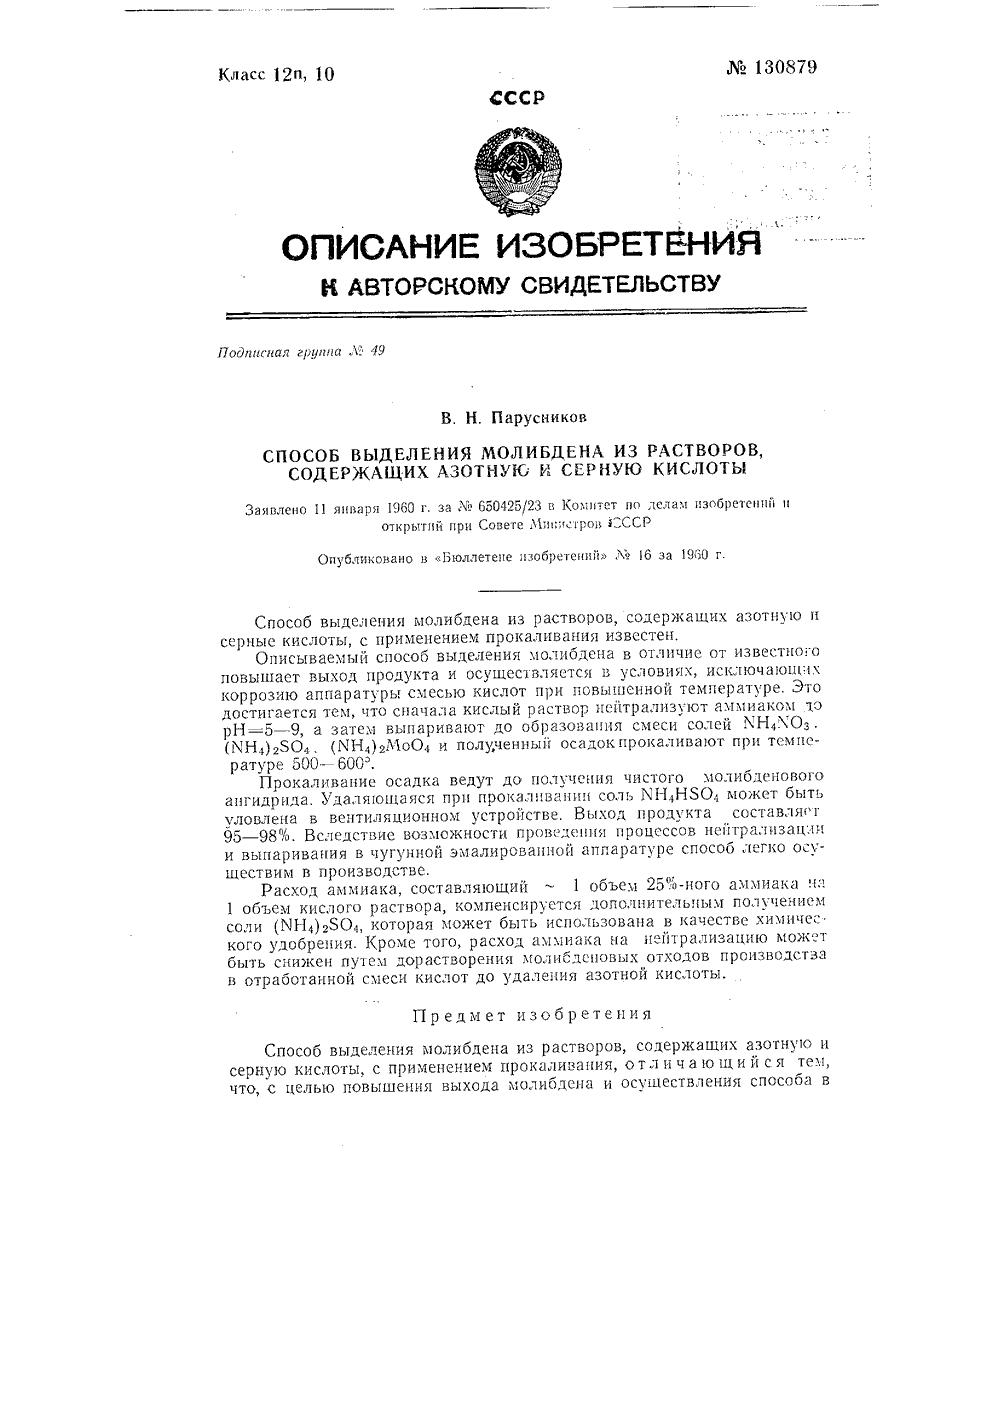 Сперма бурово цвета